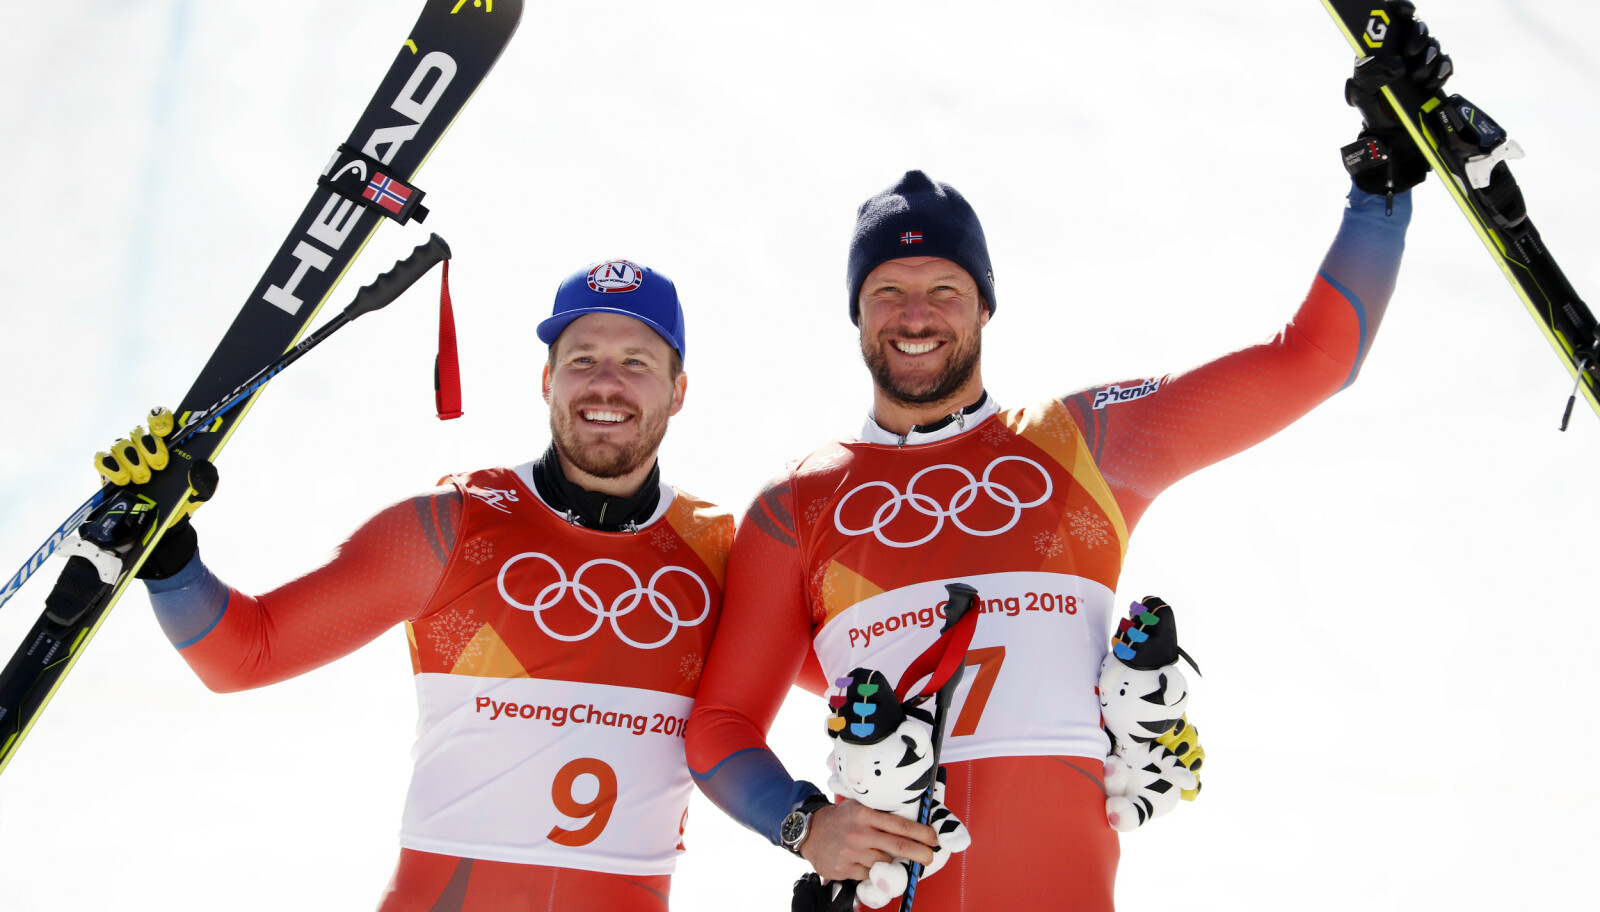 STORT ØYEBLIKK: Under OL i Pyeongchang ble det dobbelt norsk da Aksel Lund Svindal vant OL-gull i utfor menn og Kjetil Jansrud tok sølv. Dette er noe av det vi får se i dokumentarfilmen som kommer i november. Året etter, i 2019, la Aksel opp. FOTO: Cornelius Poppe / NTB scanpix